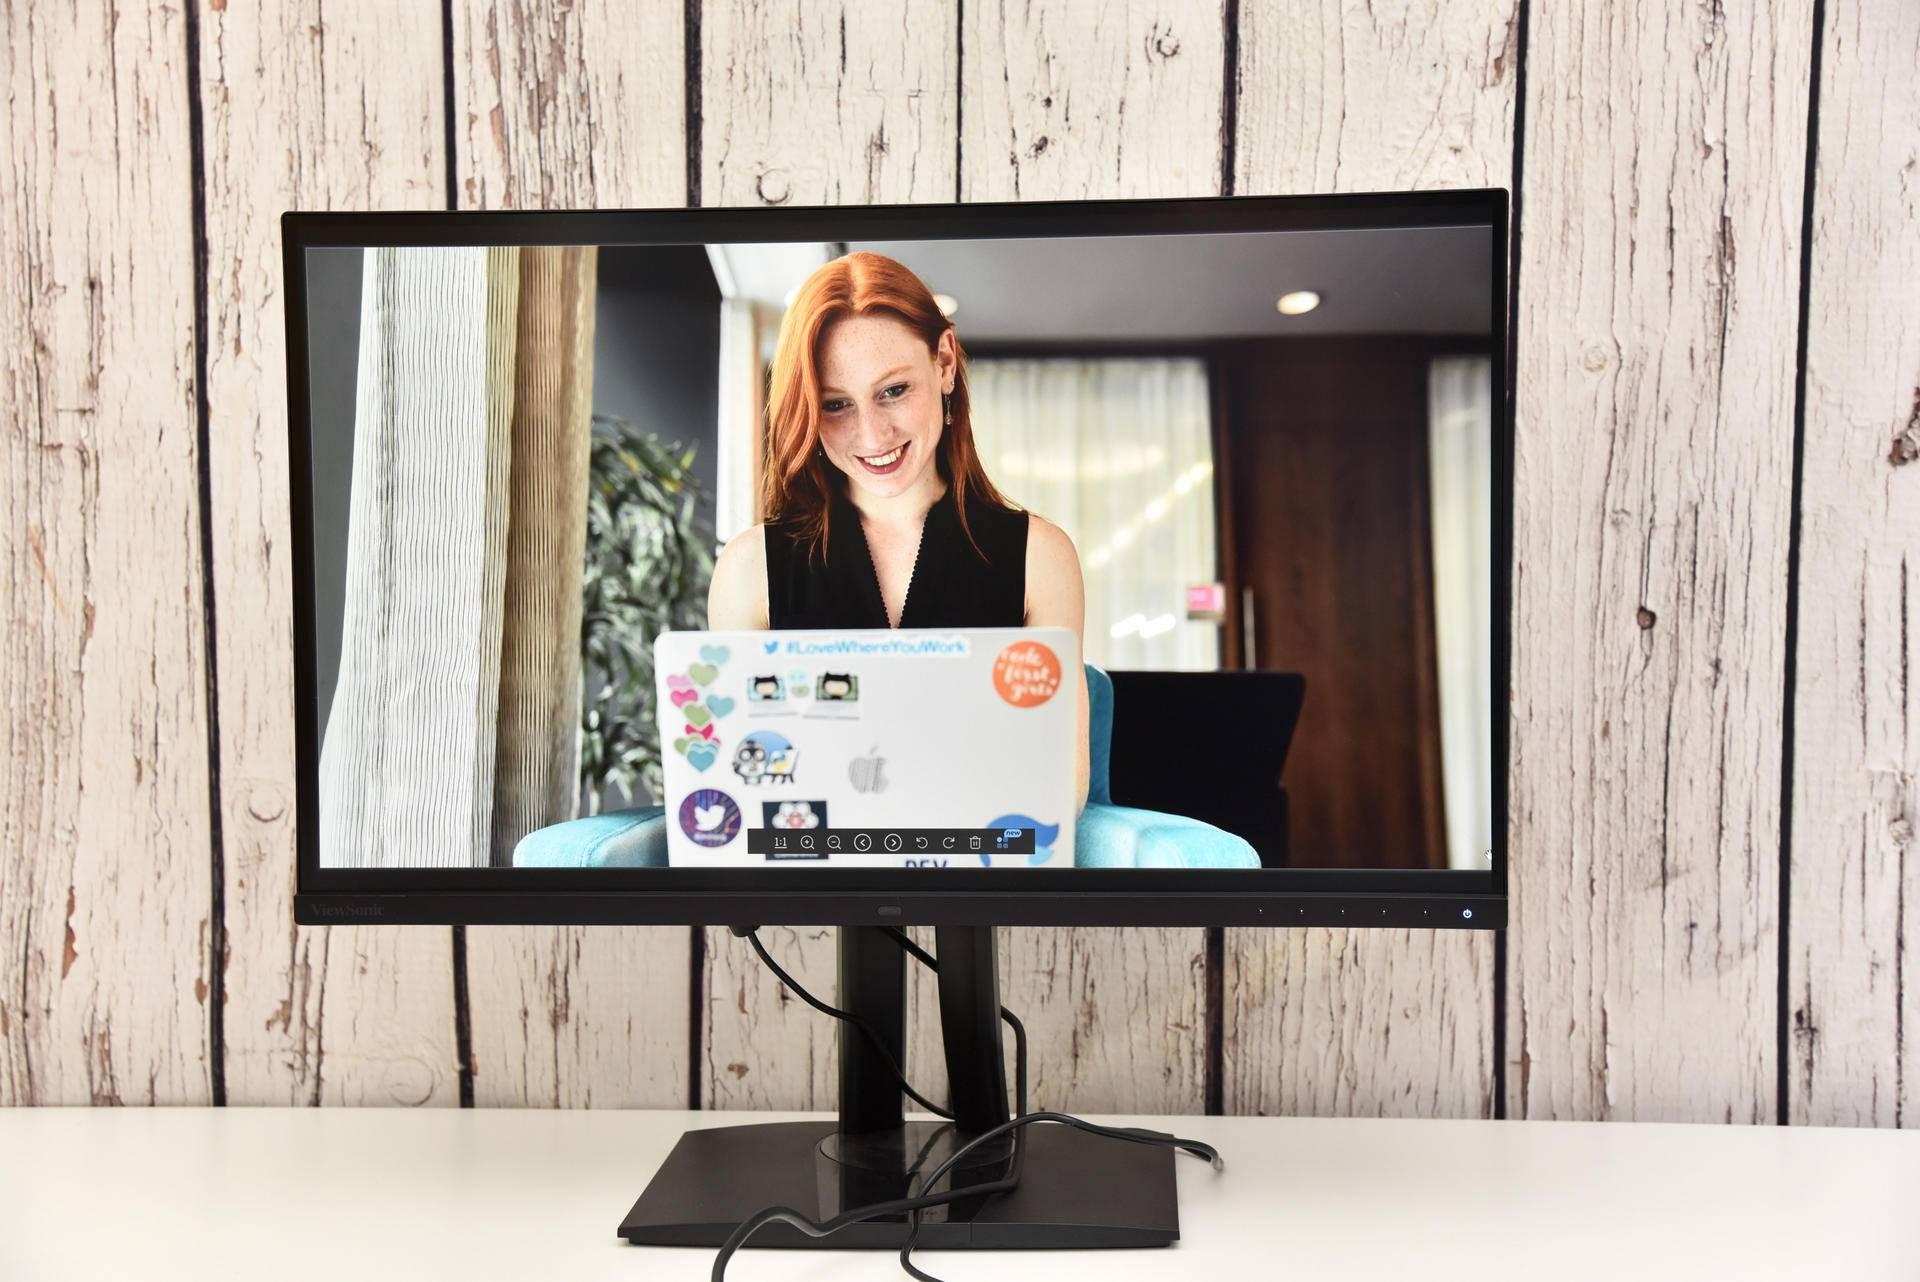 为什么原装专业显示器比家用显示器贵?优派VP2785-2K:贵是有原因的